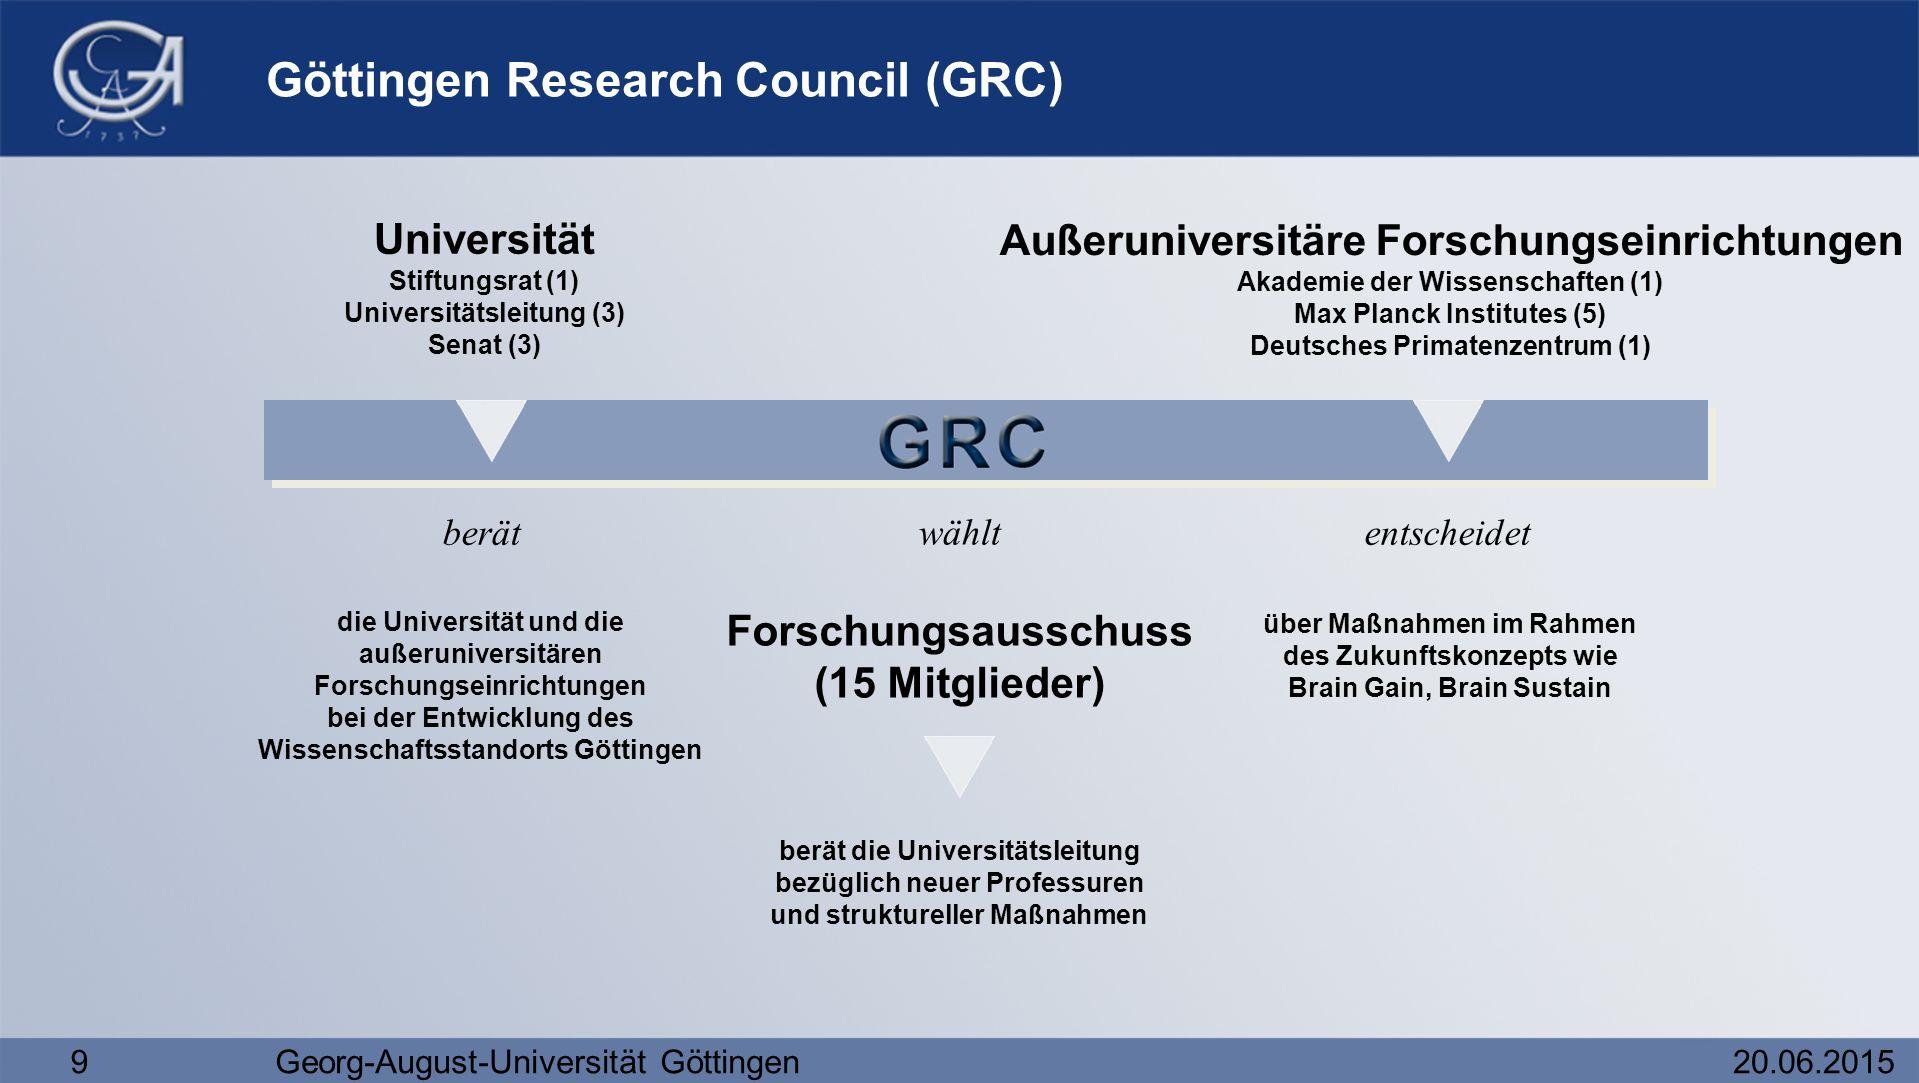 Göttingen Research Council (GRC)